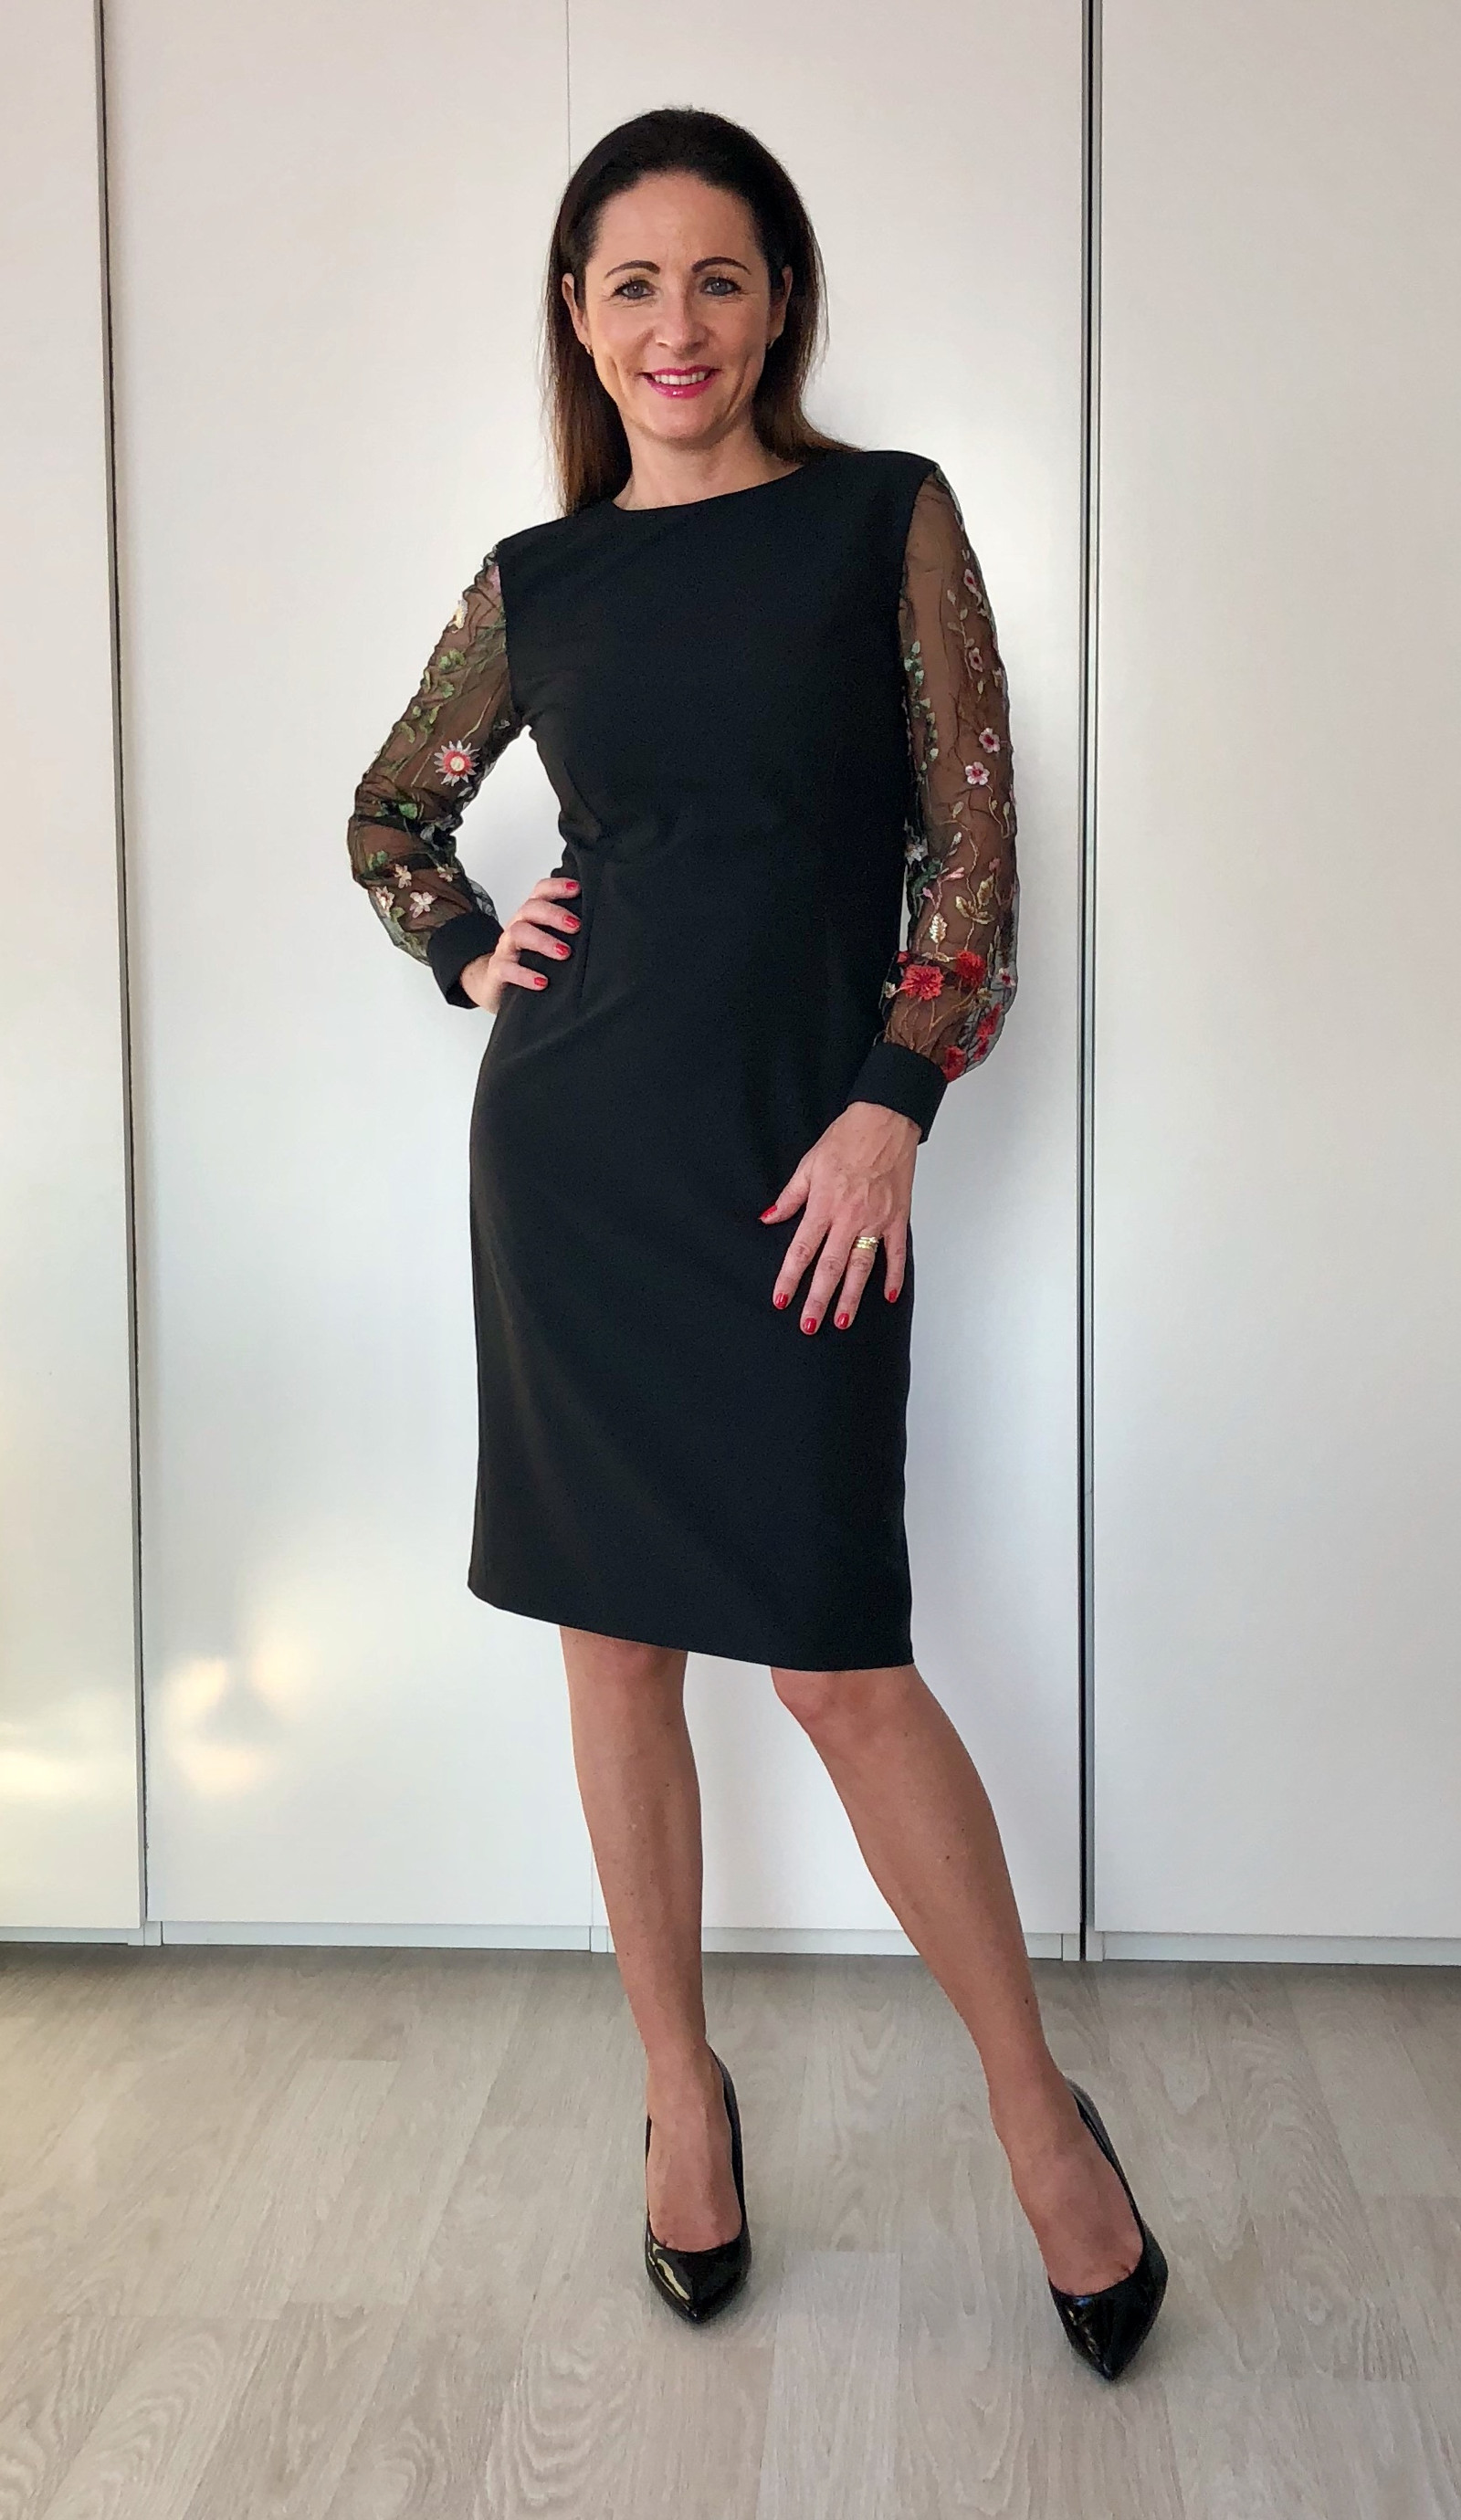 Malé černé s krajkovými rukávy   Zboží prodejce by andrea  64490d5c45